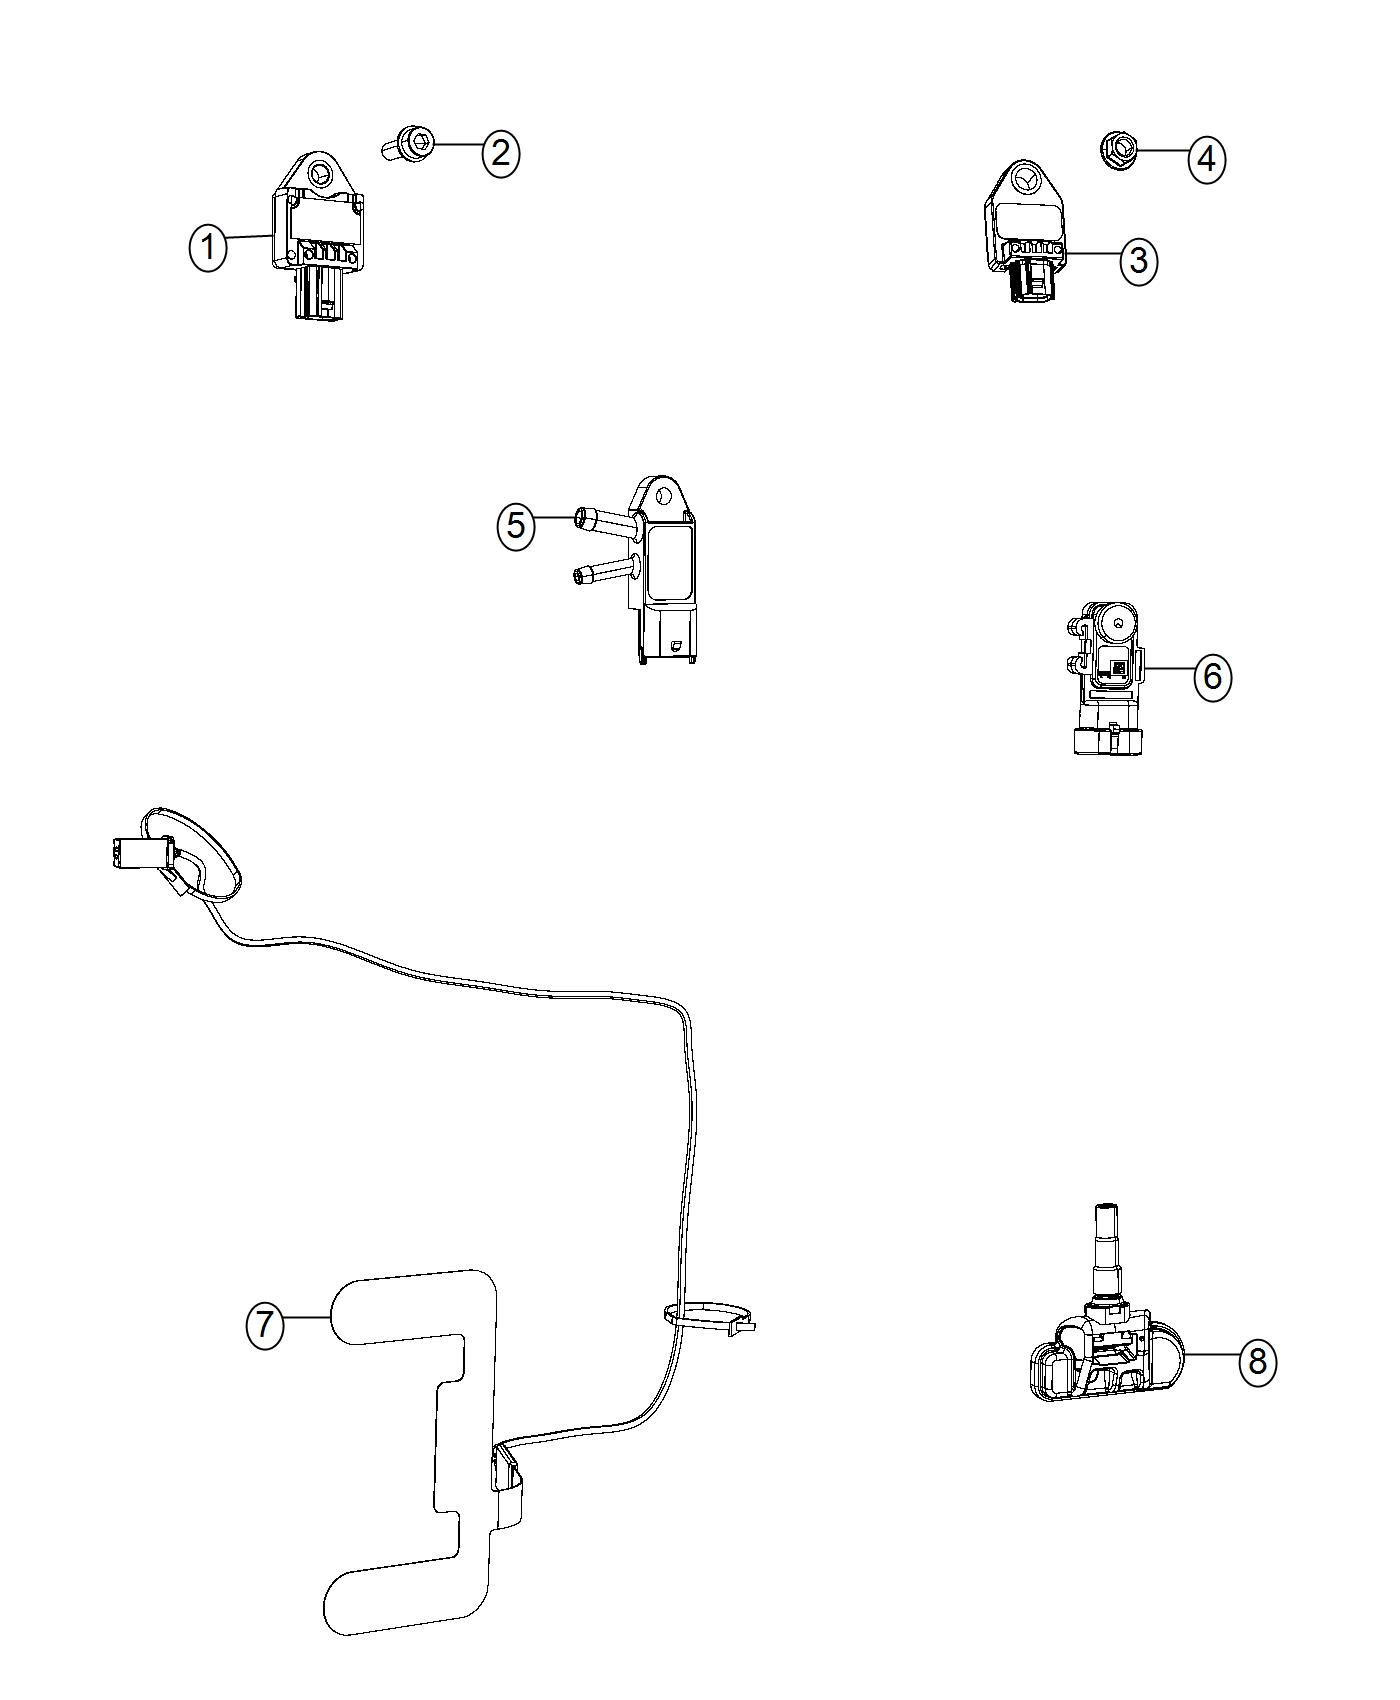 Ram Sensor Differential Pressure Export